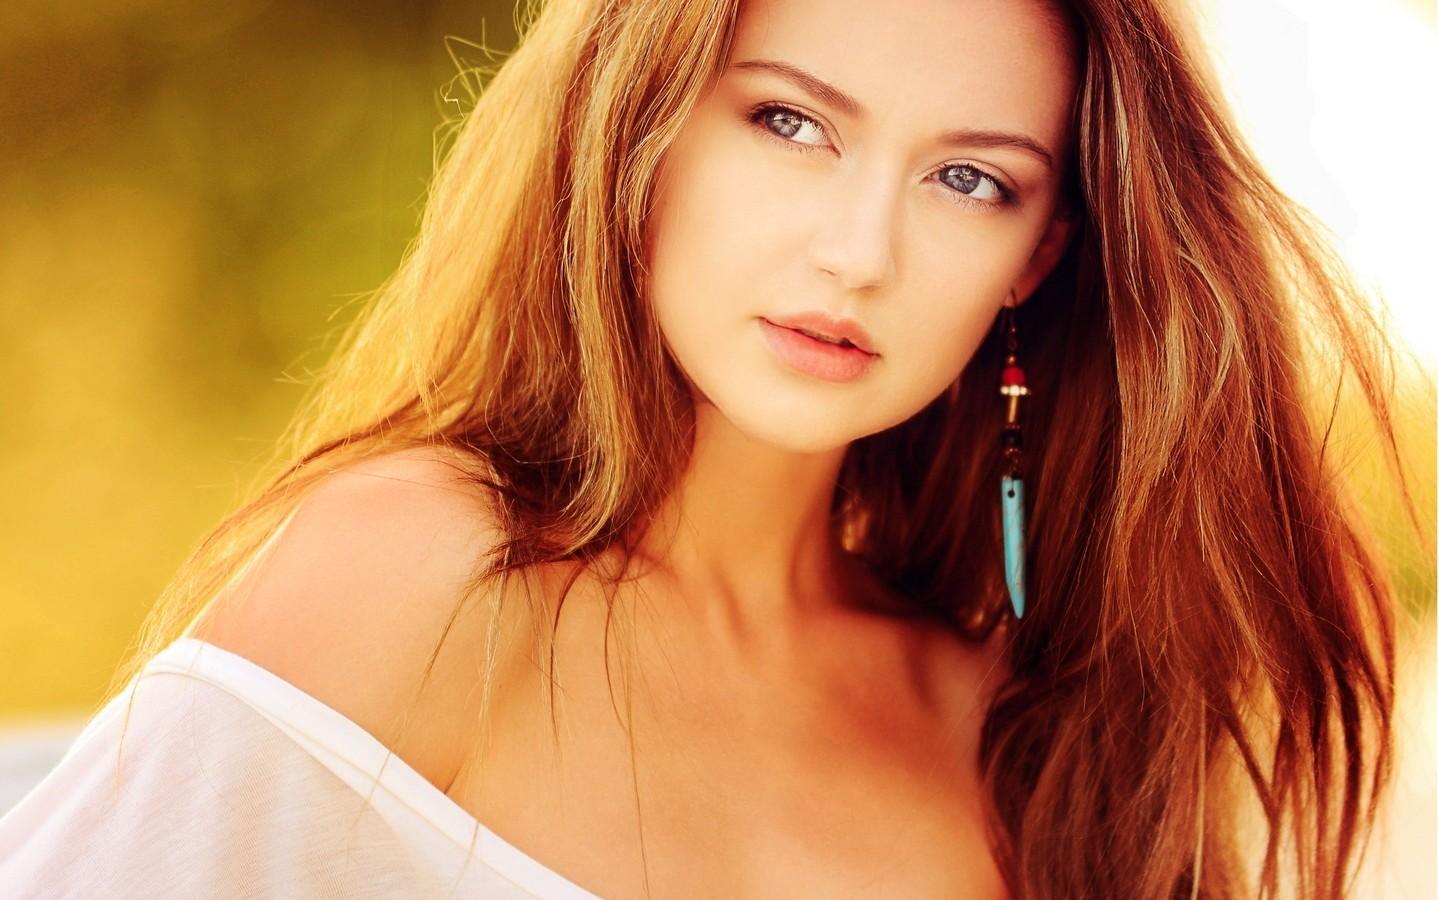 欧美美女迷人写真图片桌面壁纸